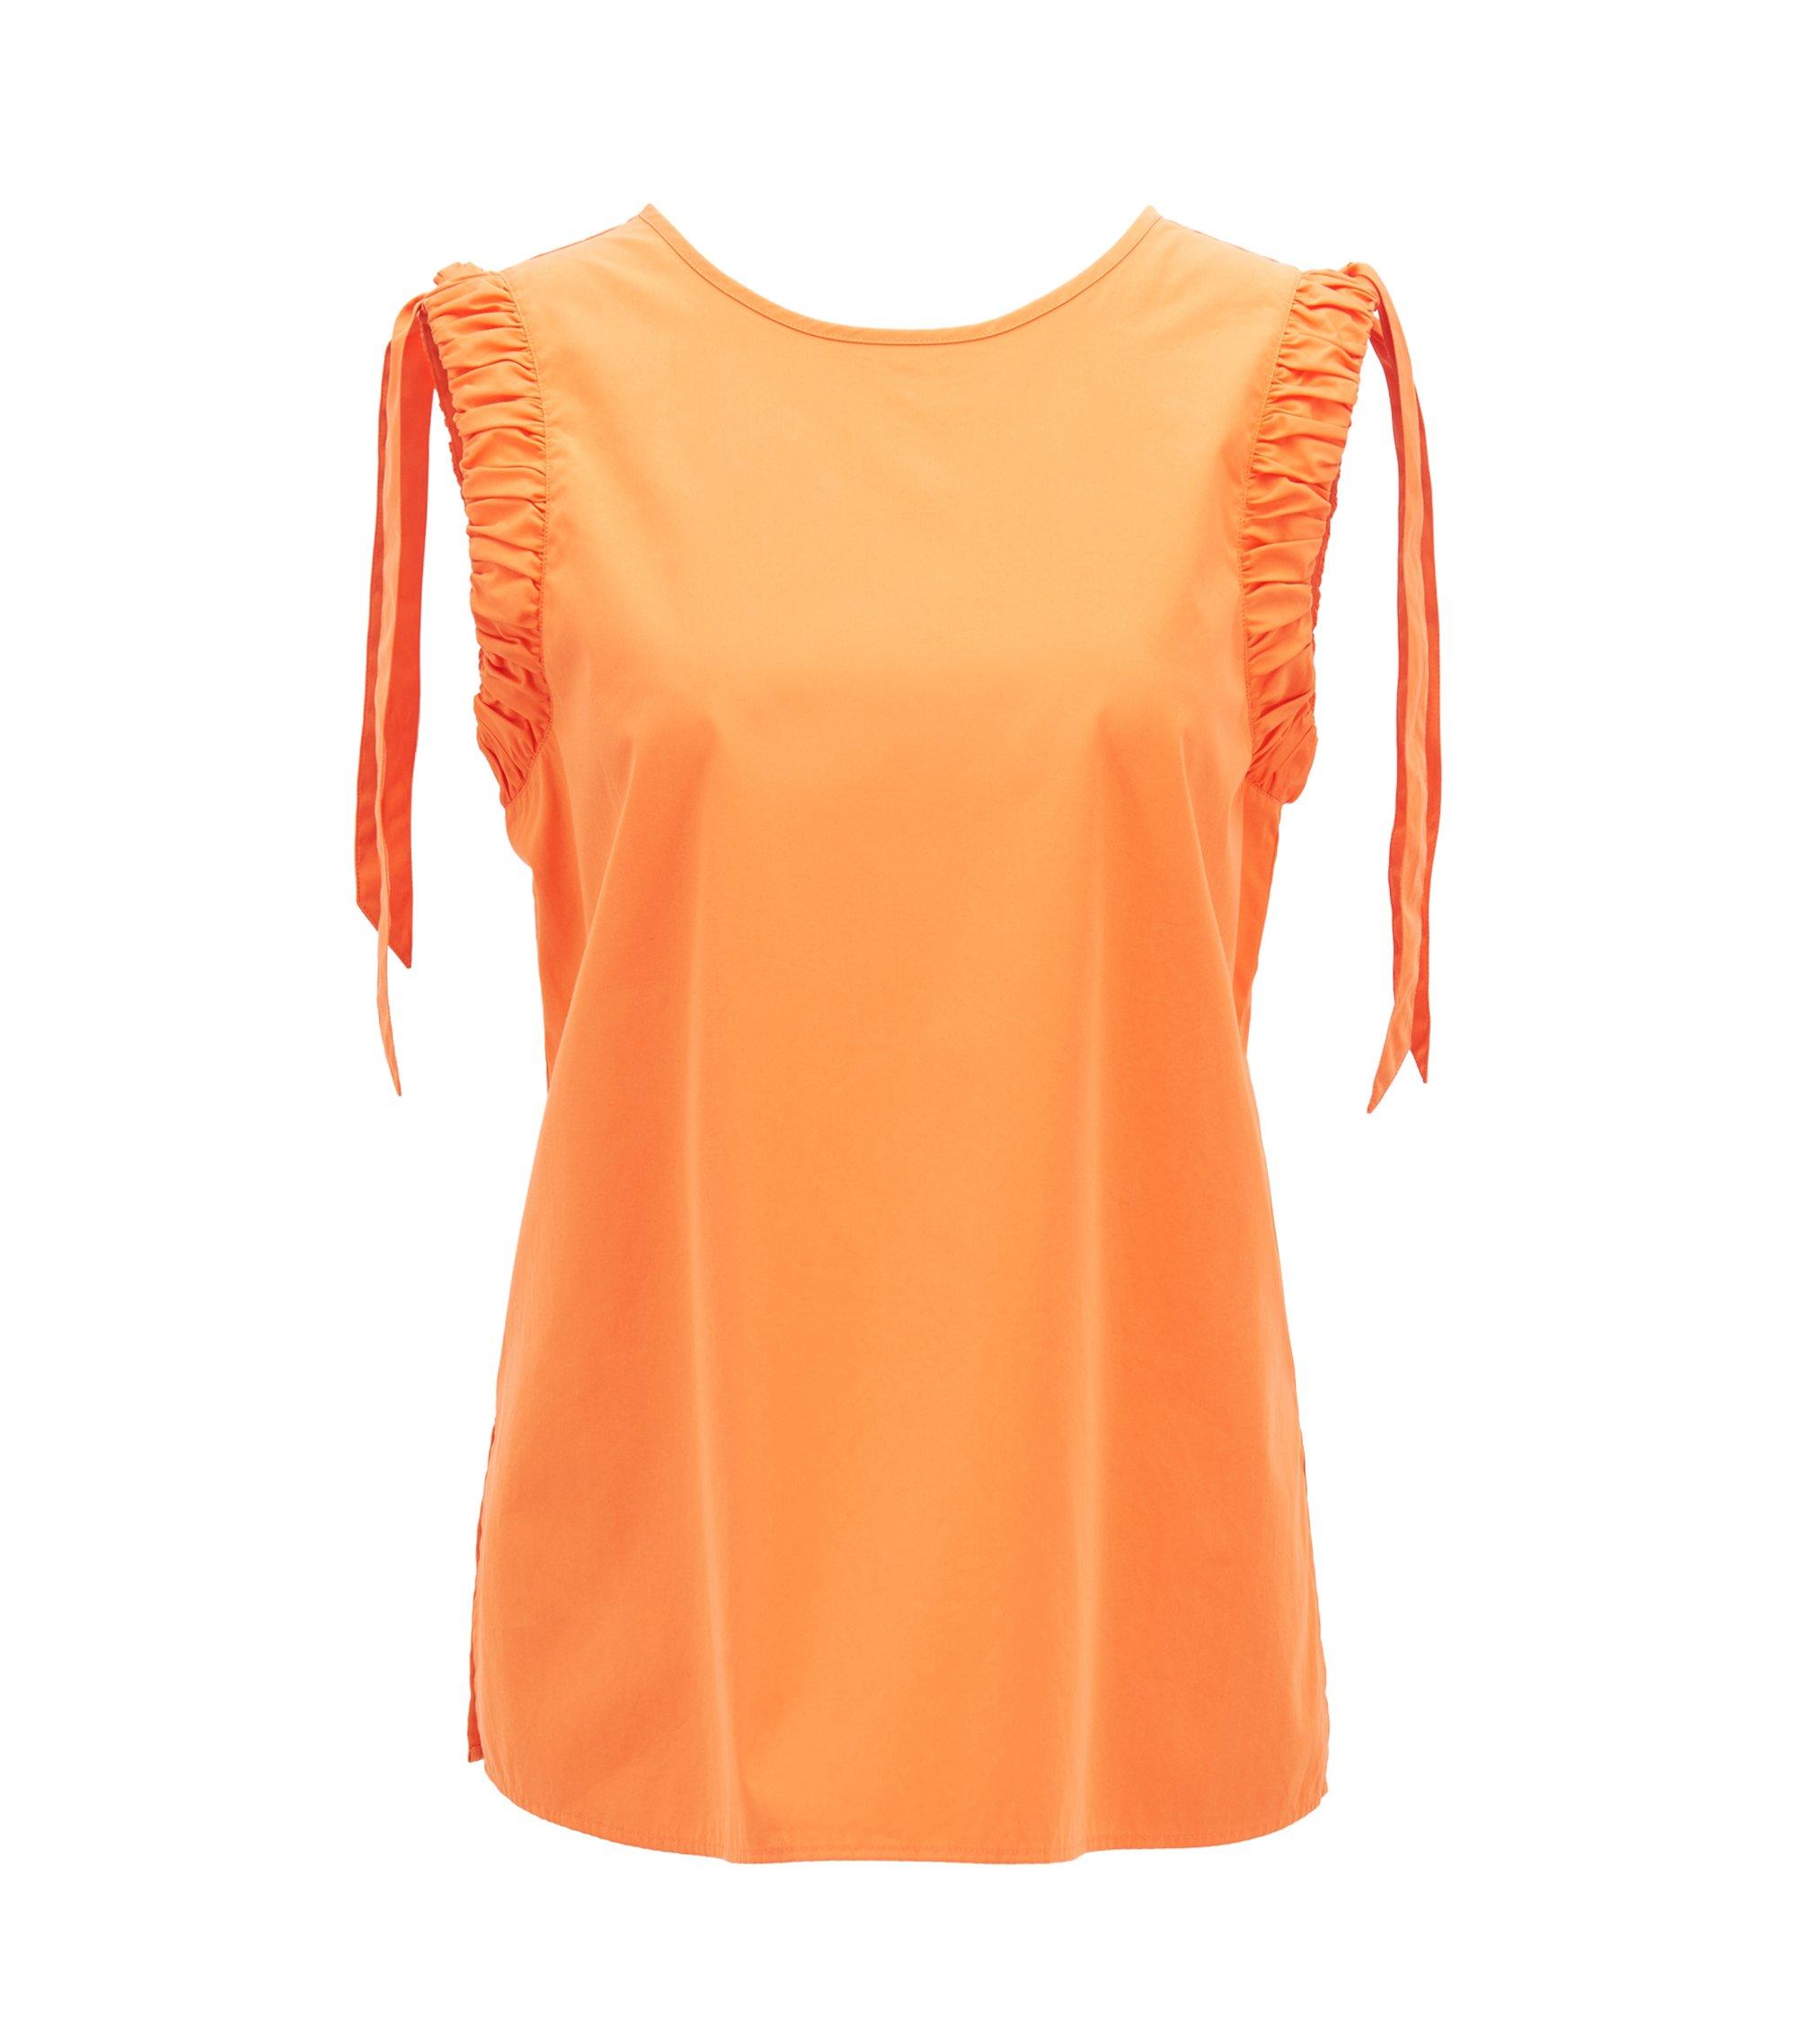 Chemisier sans manches en coton avec emmanchures ruchées, Orange